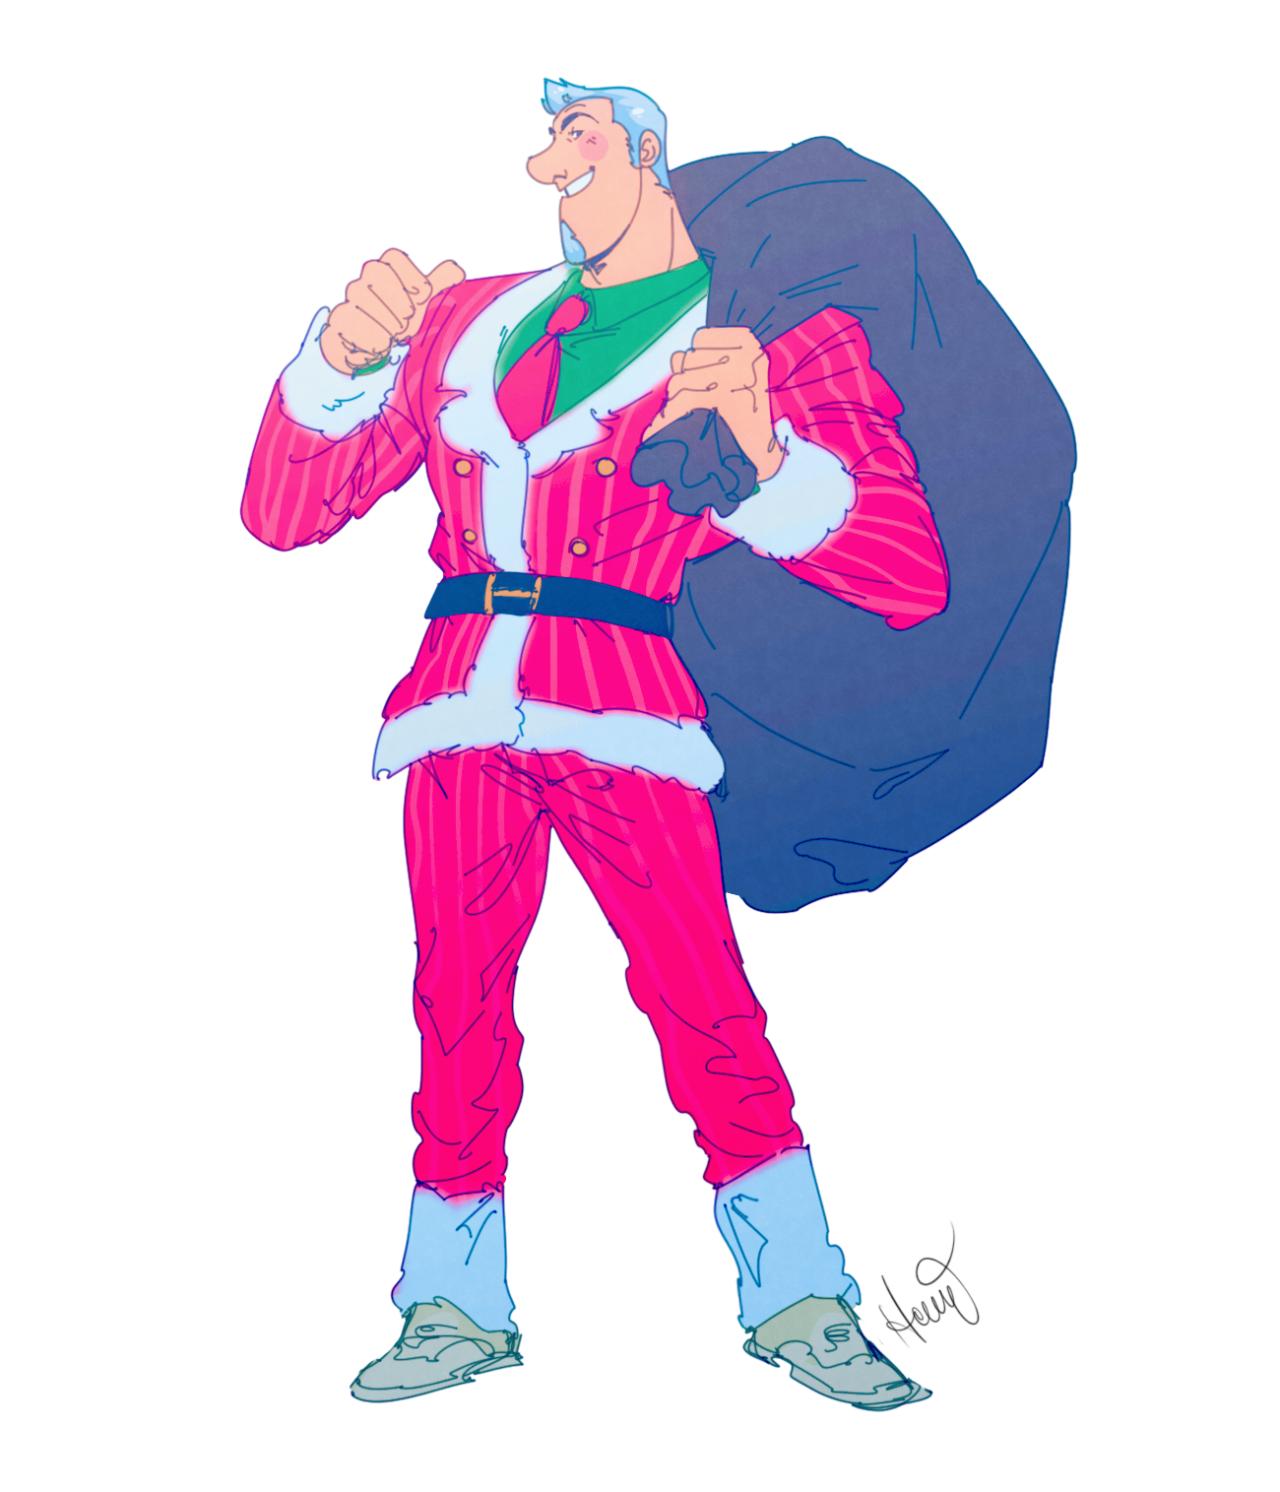 gorrillaprutt Steve Claus from Arthur Christmas I I mean